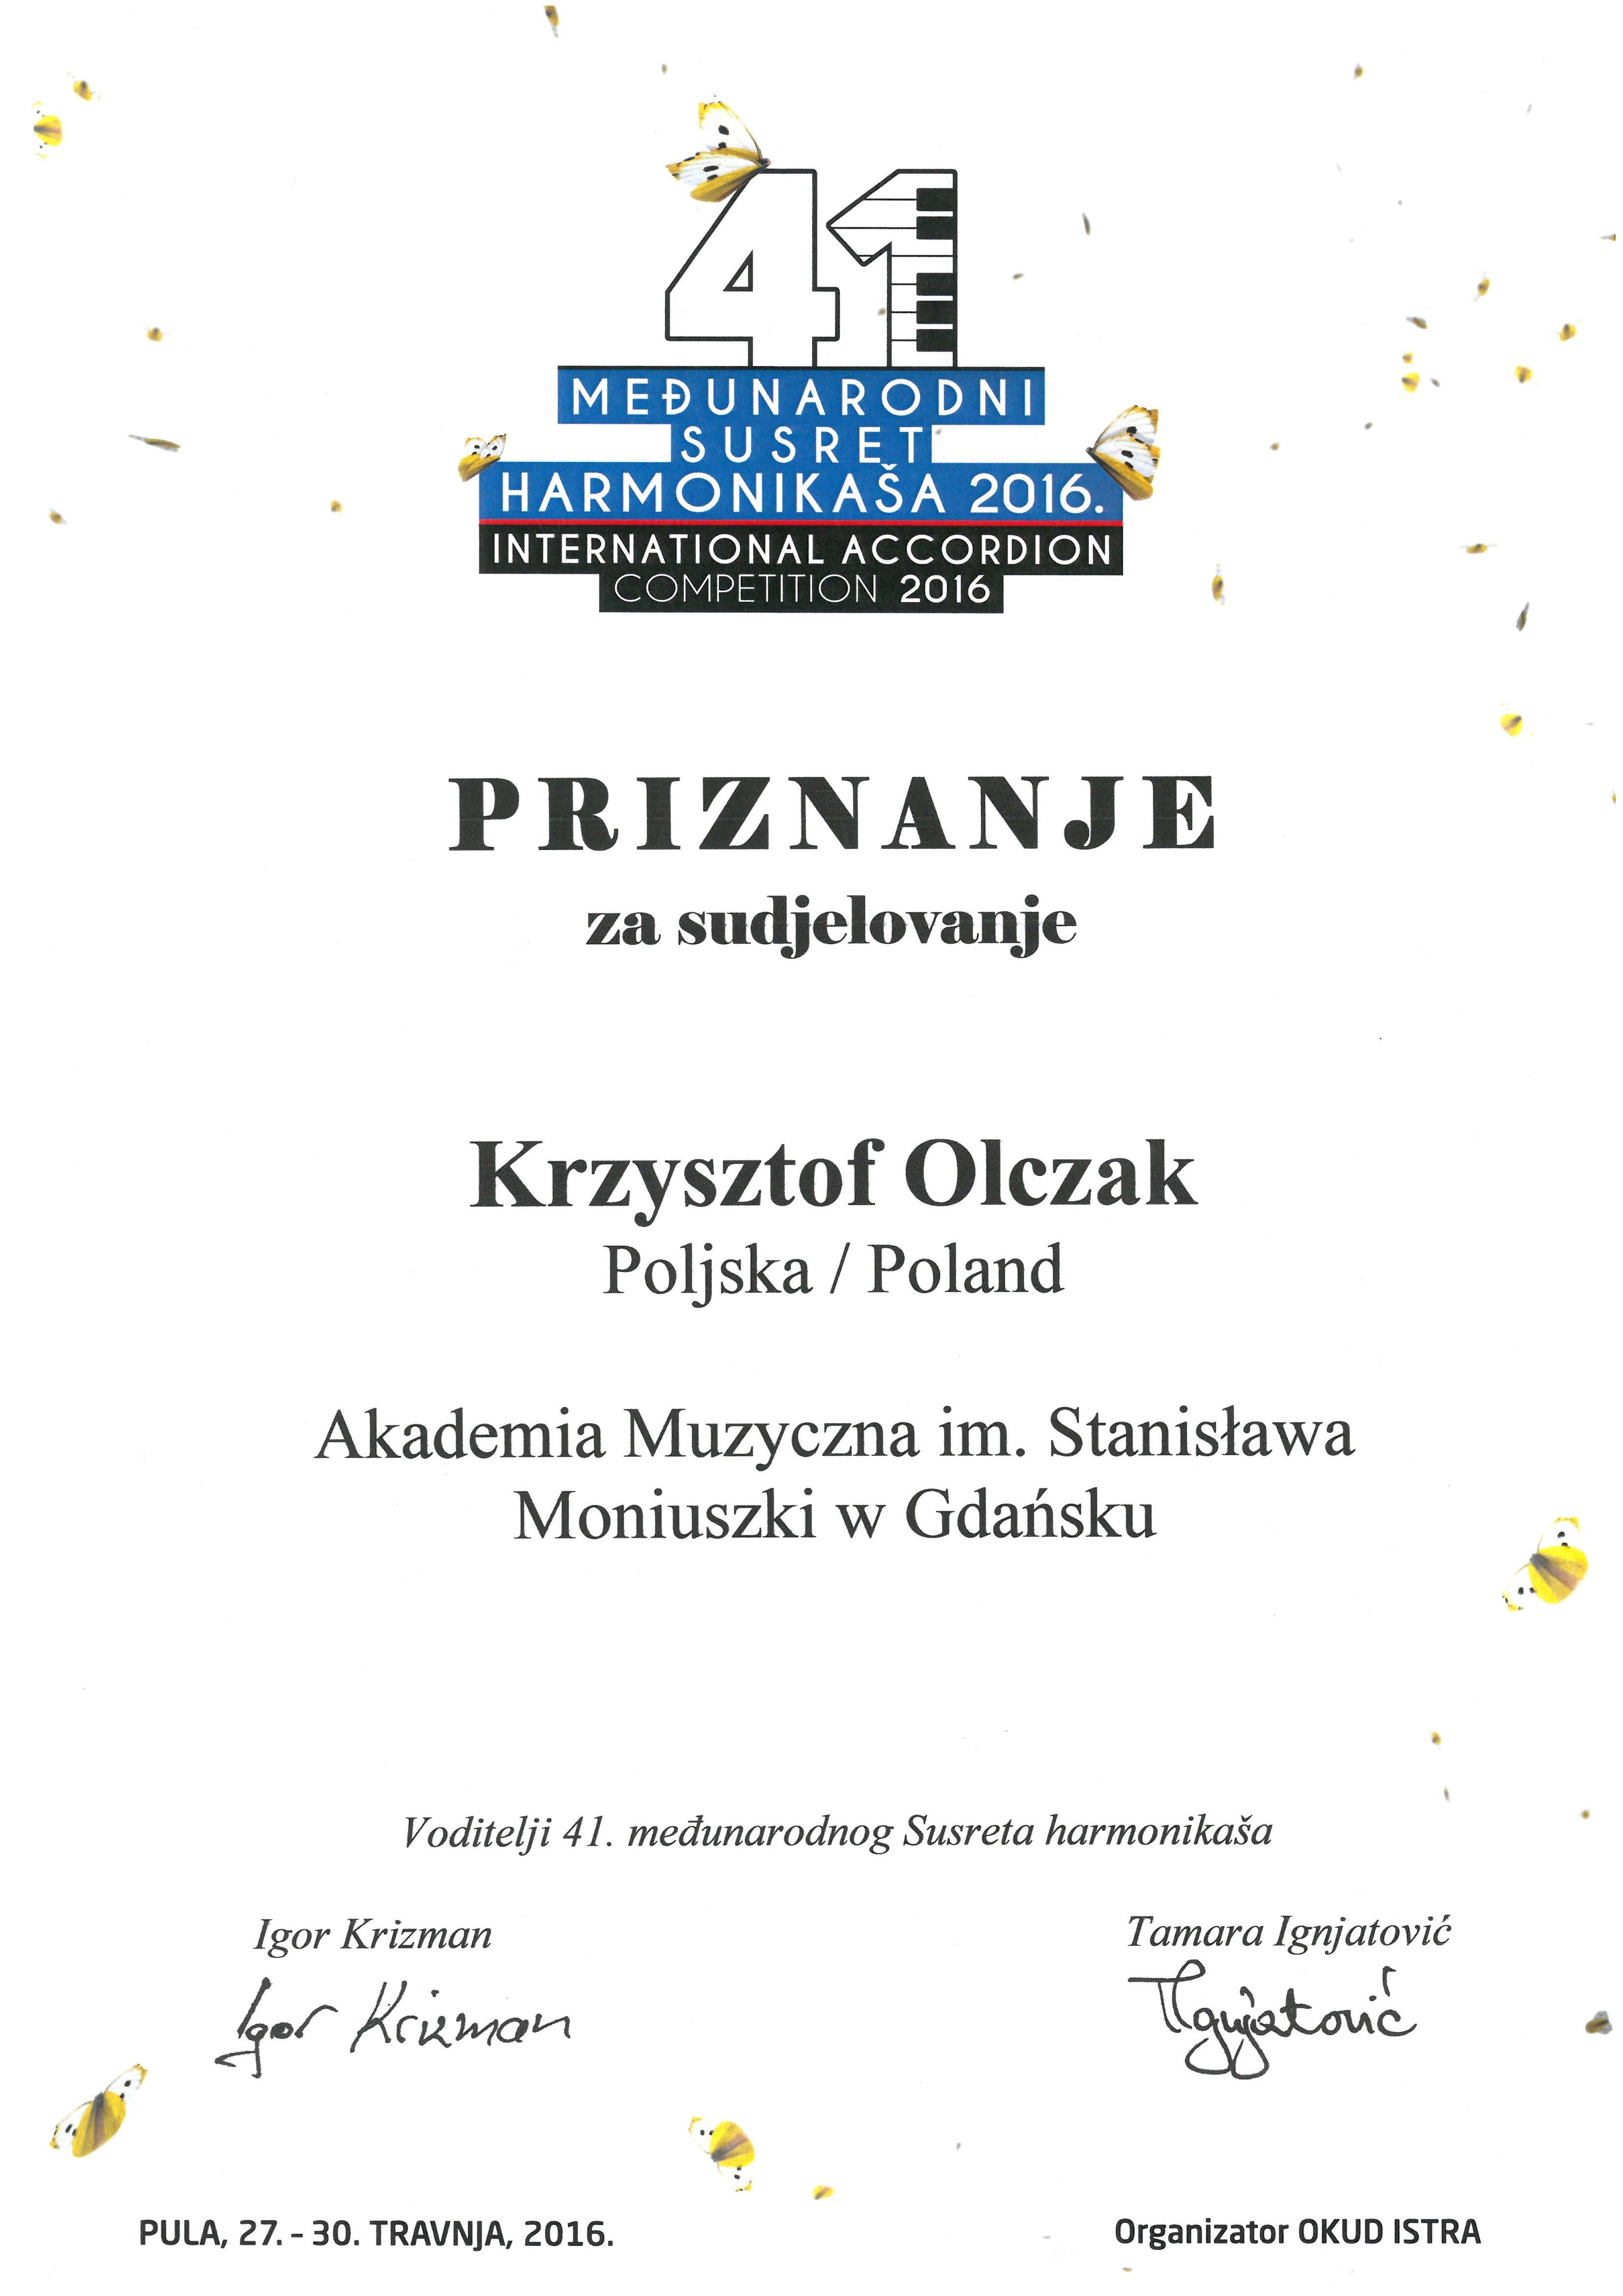 Krzysztof Olczak_Pula_2016